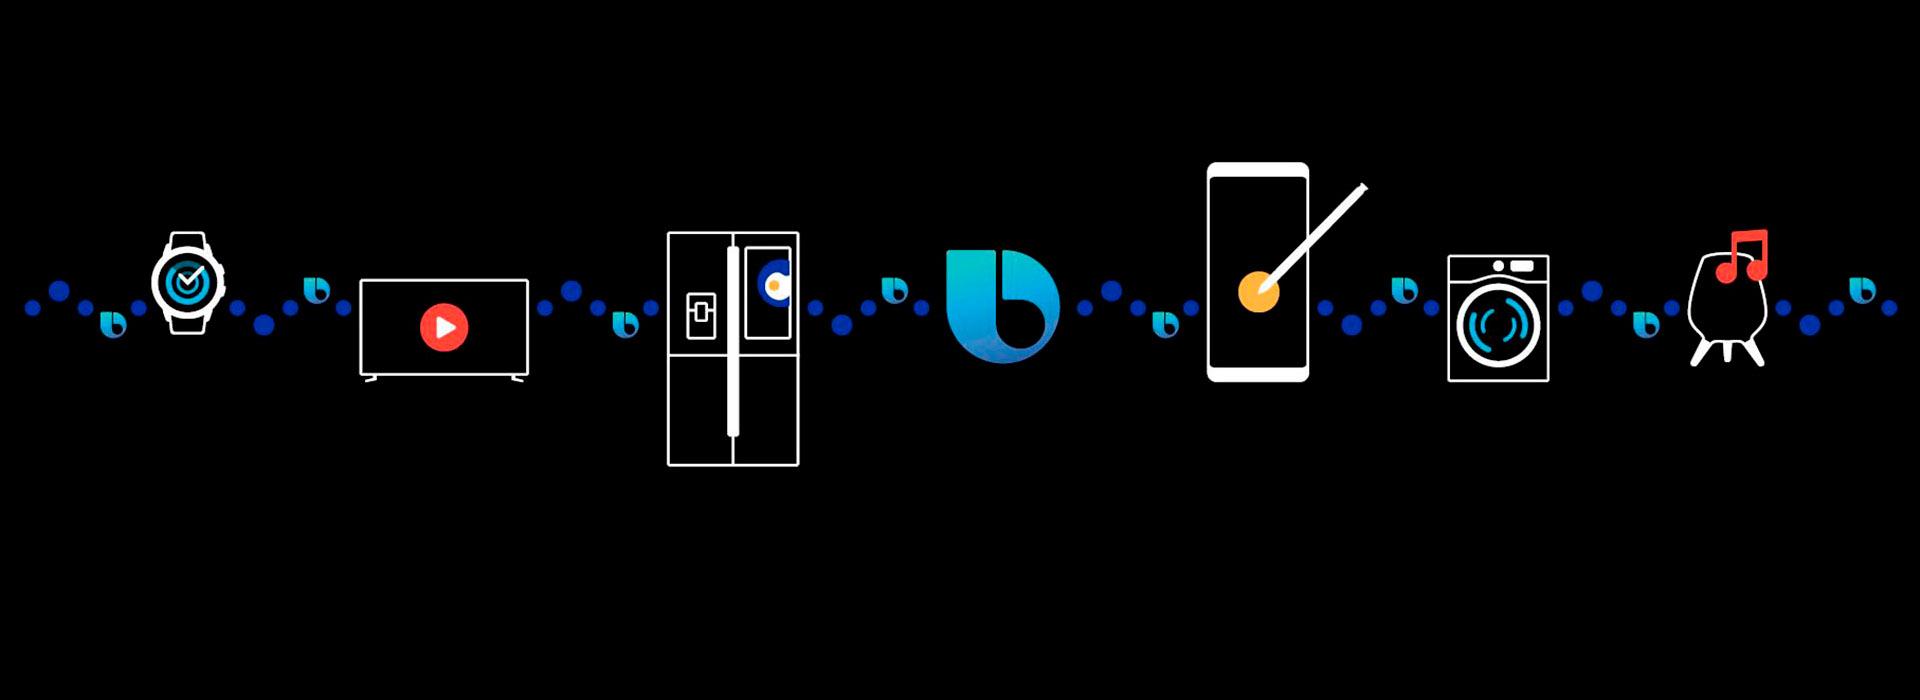 «Внеси свой вклад в экосистему Samsung!» – конкурс идей. Главный приз — Galaxy S10